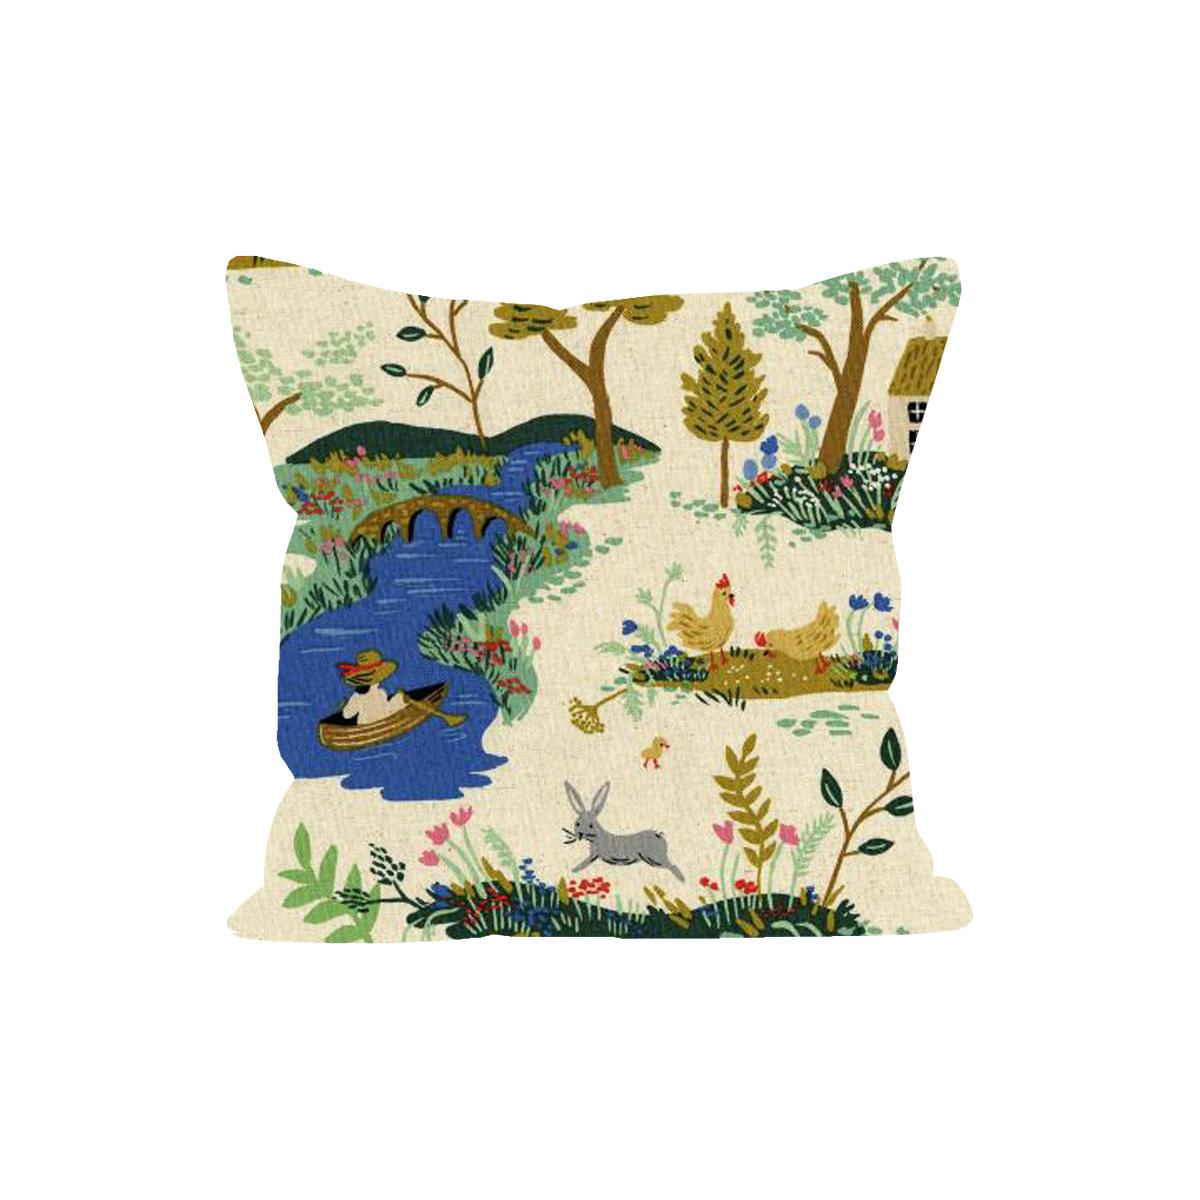 Coussin en coton 40x40 cm garden toile